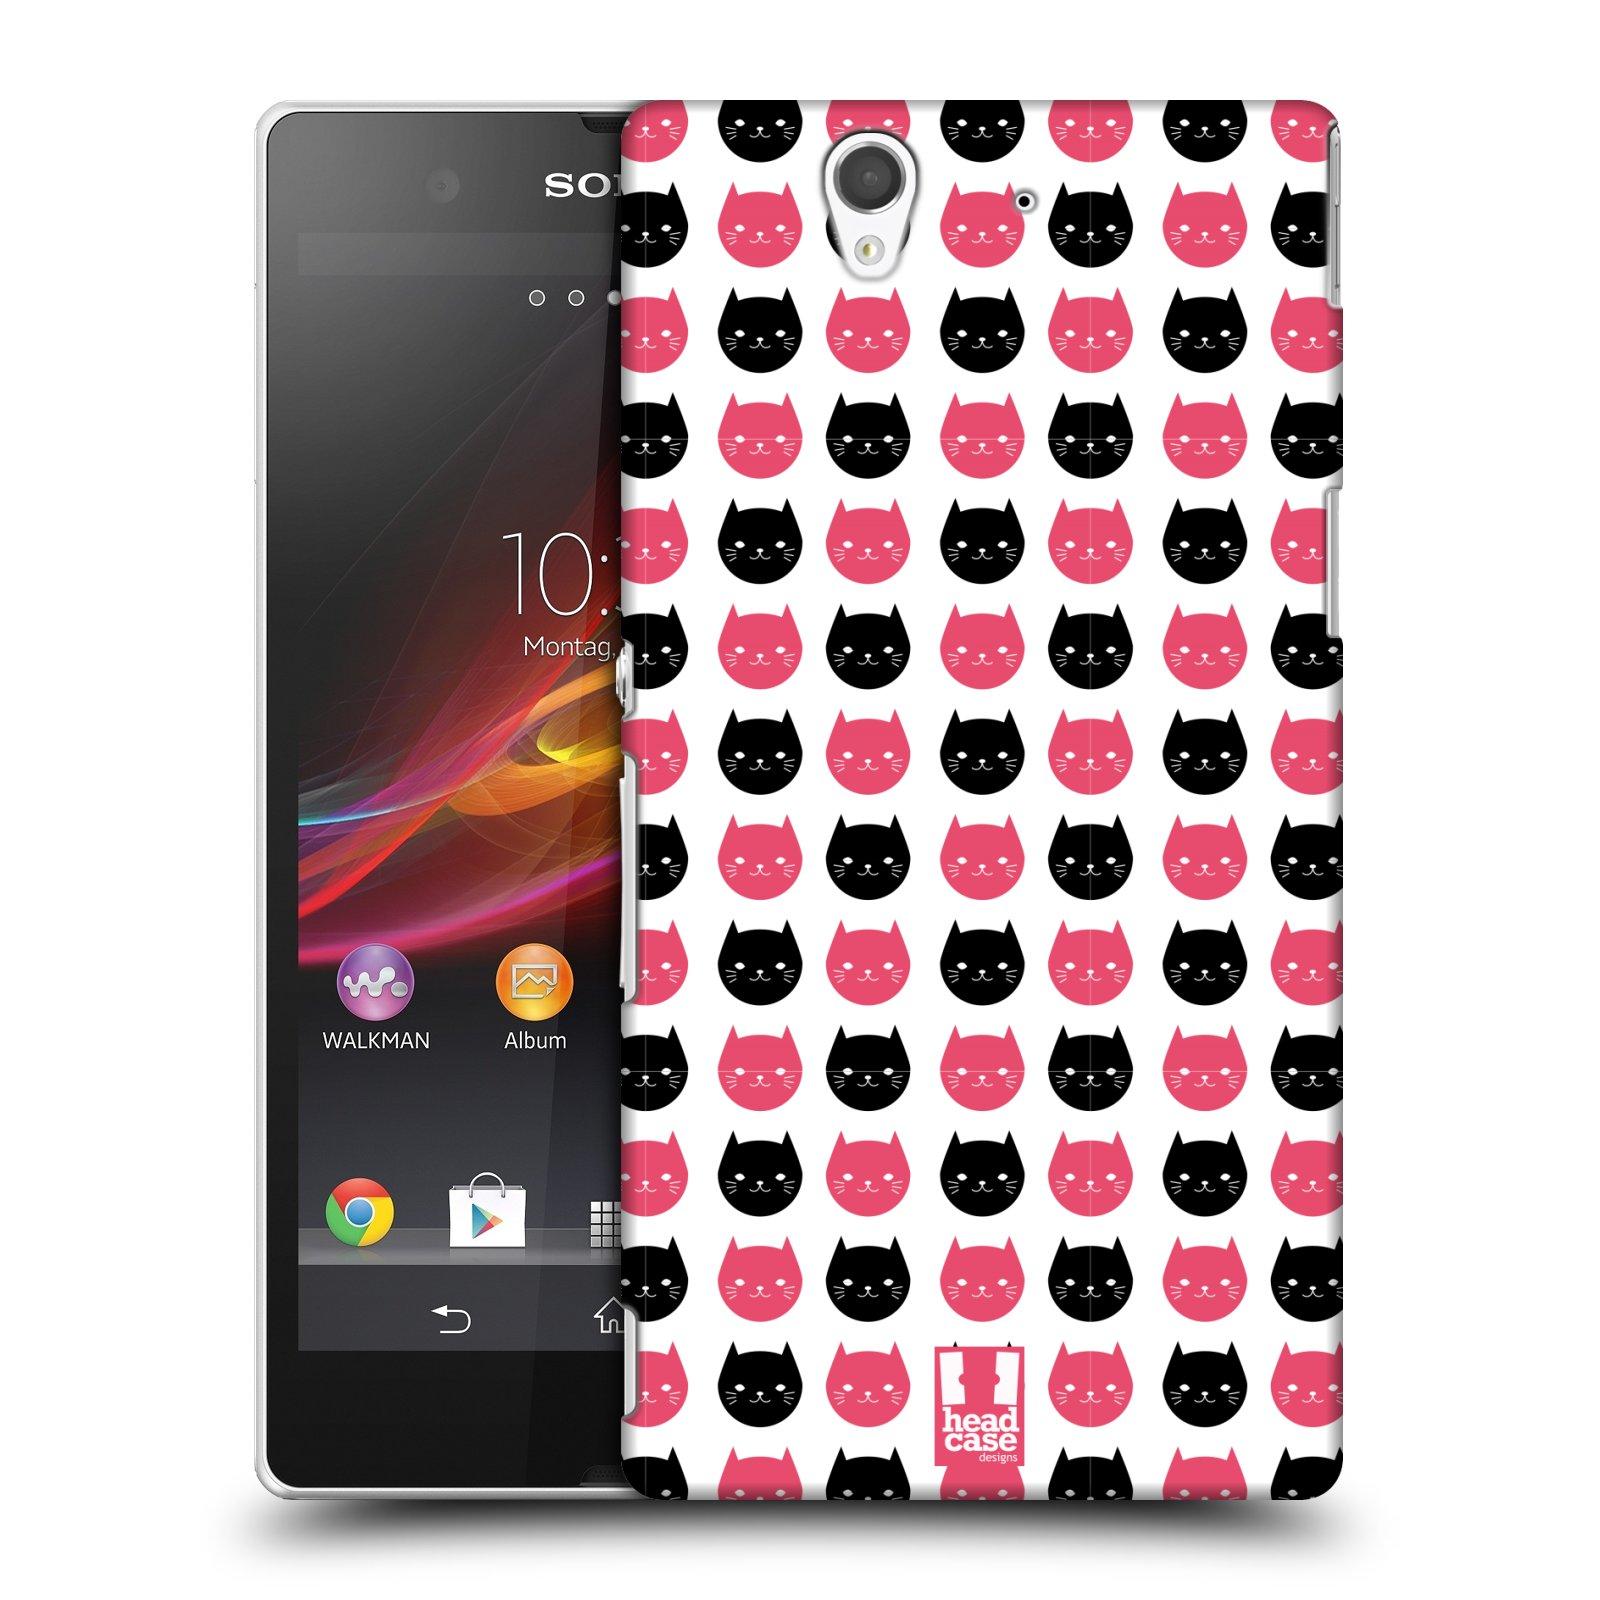 Plastové pouzdro na mobil Sony Xperia Z C6603 HEAD CASE KOČKY Black and Pink (Kryt či obal na mobilní telefon Sony Xperia Z )